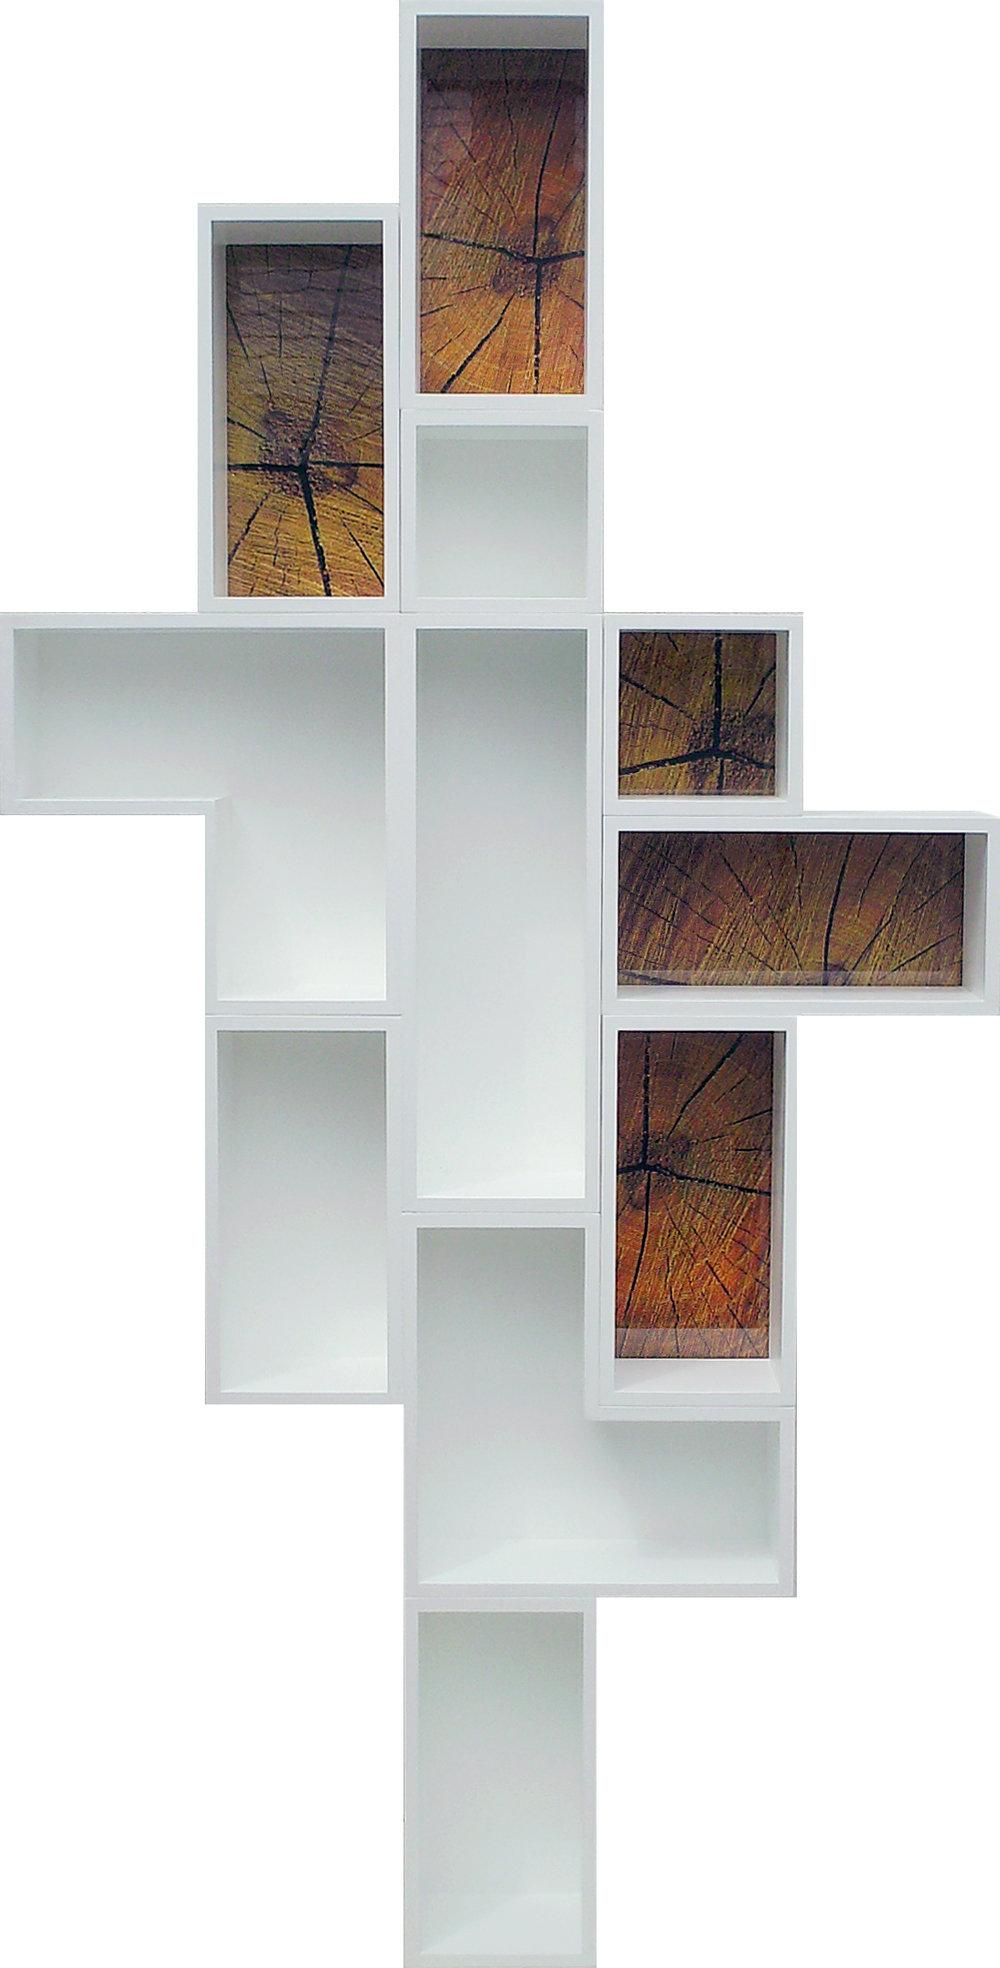 Filip Janssens Tetris 2007 hr.jpg